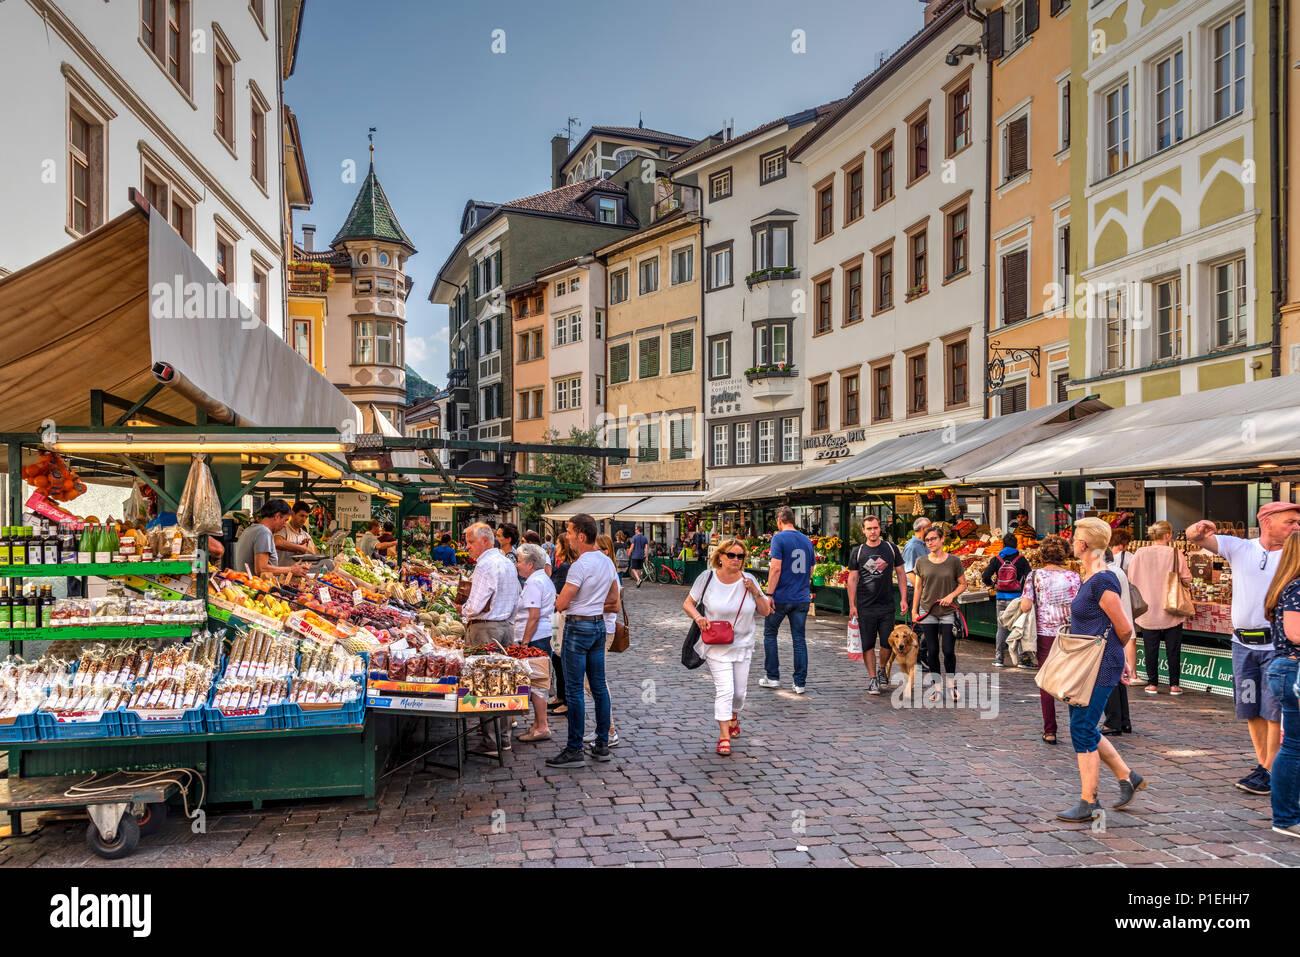 Piazza delle Erbe or Obstplatz square, Bolzano - Bozen, Trentino Alto Adige - South Tyrol, Italy - Stock Image